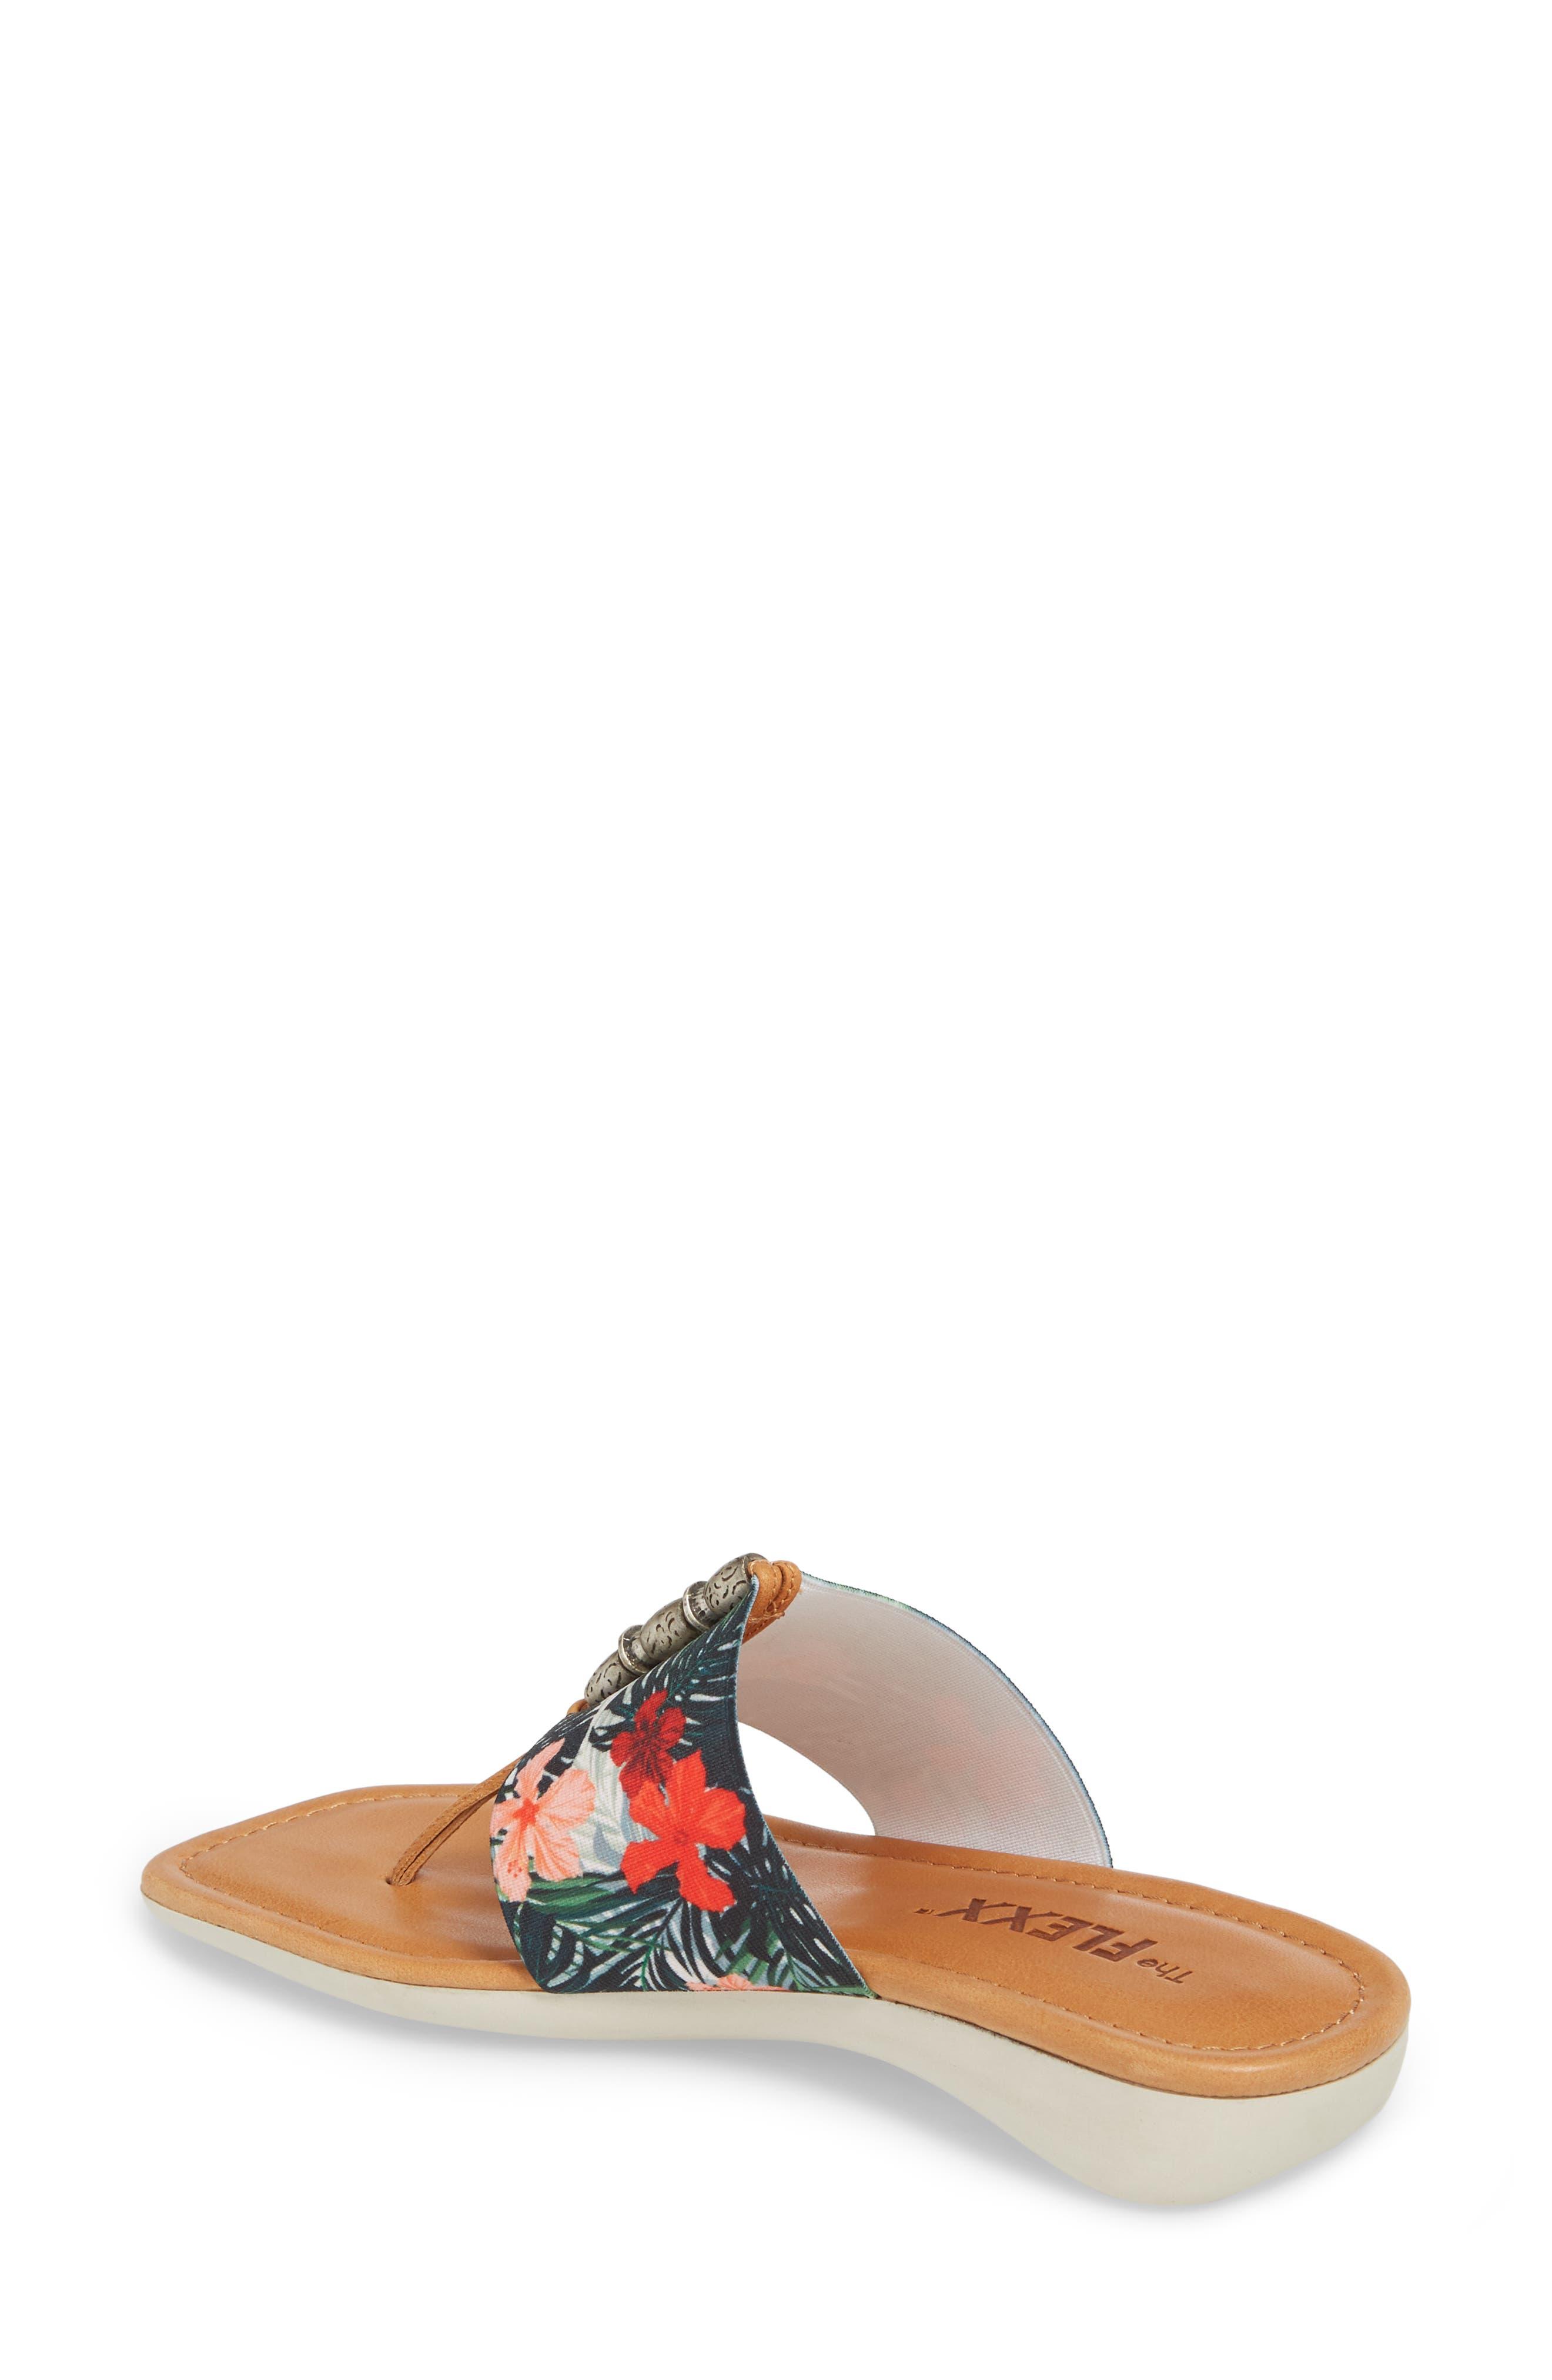 Rain Maker Sandal,                             Alternate thumbnail 2, color,                             Cognac Tropical Leather